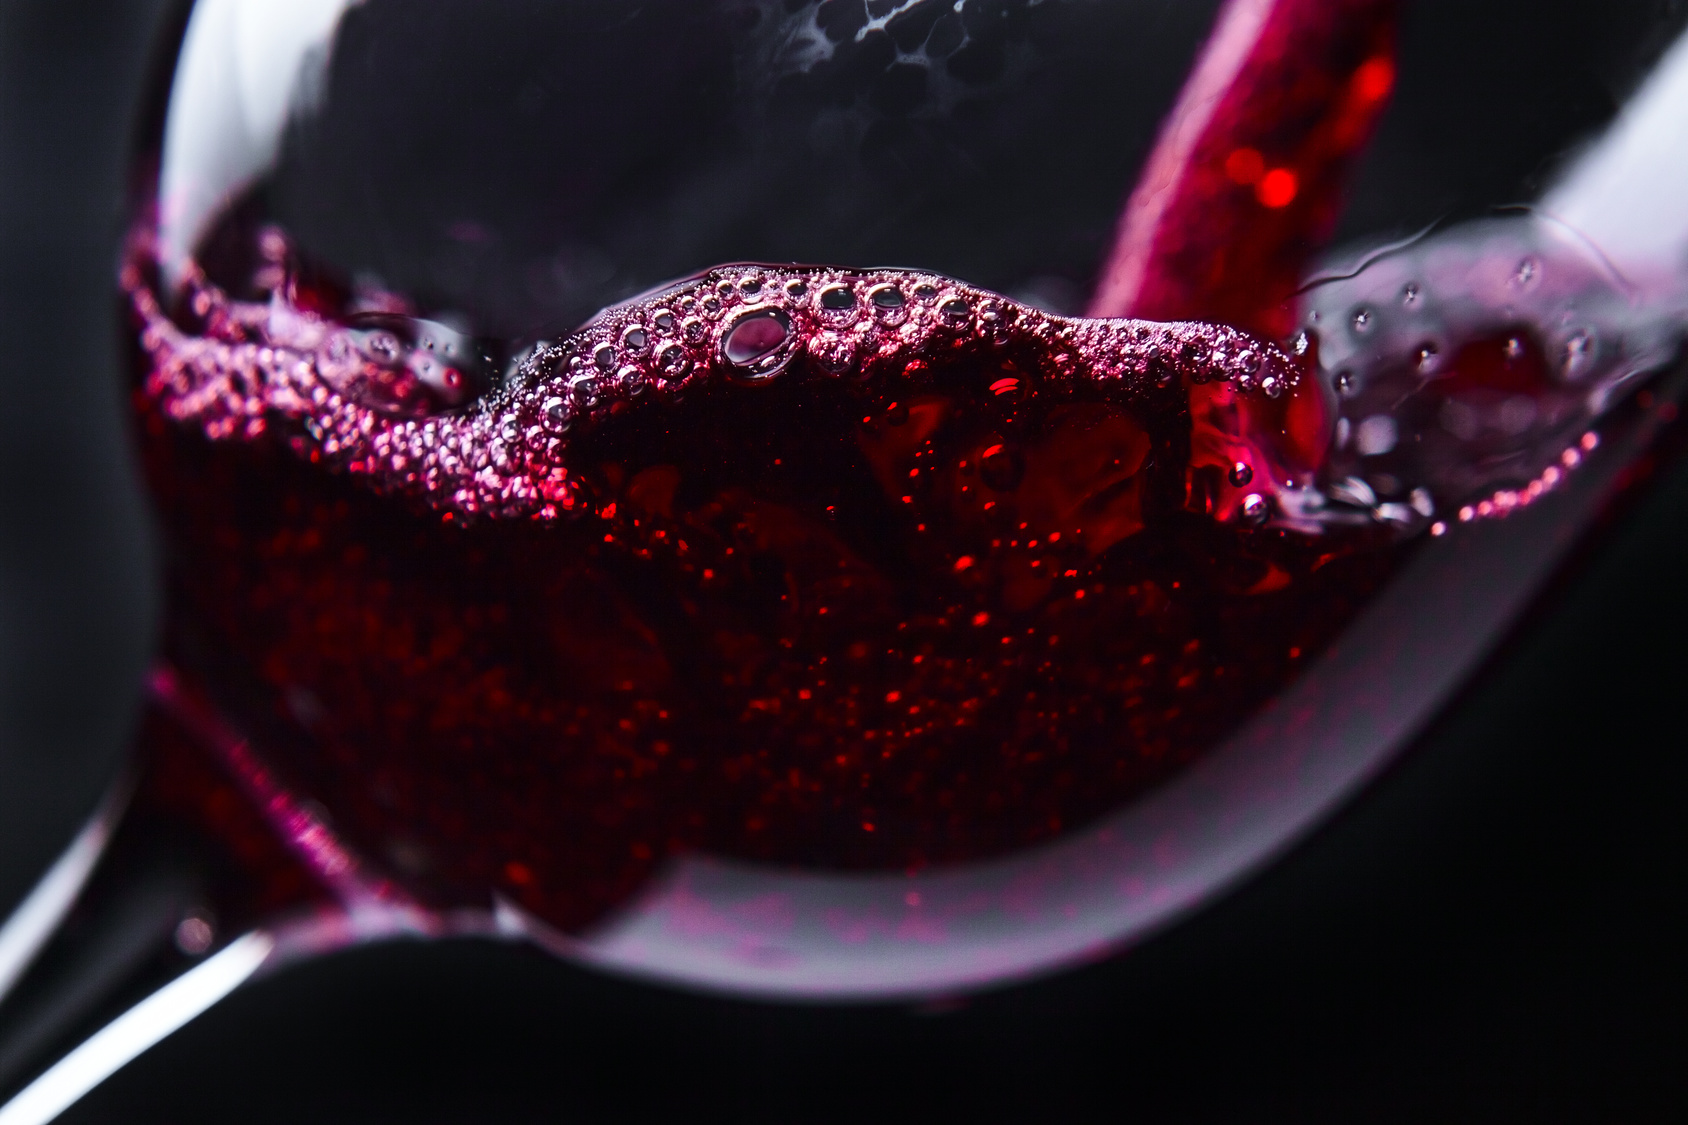 Alcohol and Atrial Fibrillation